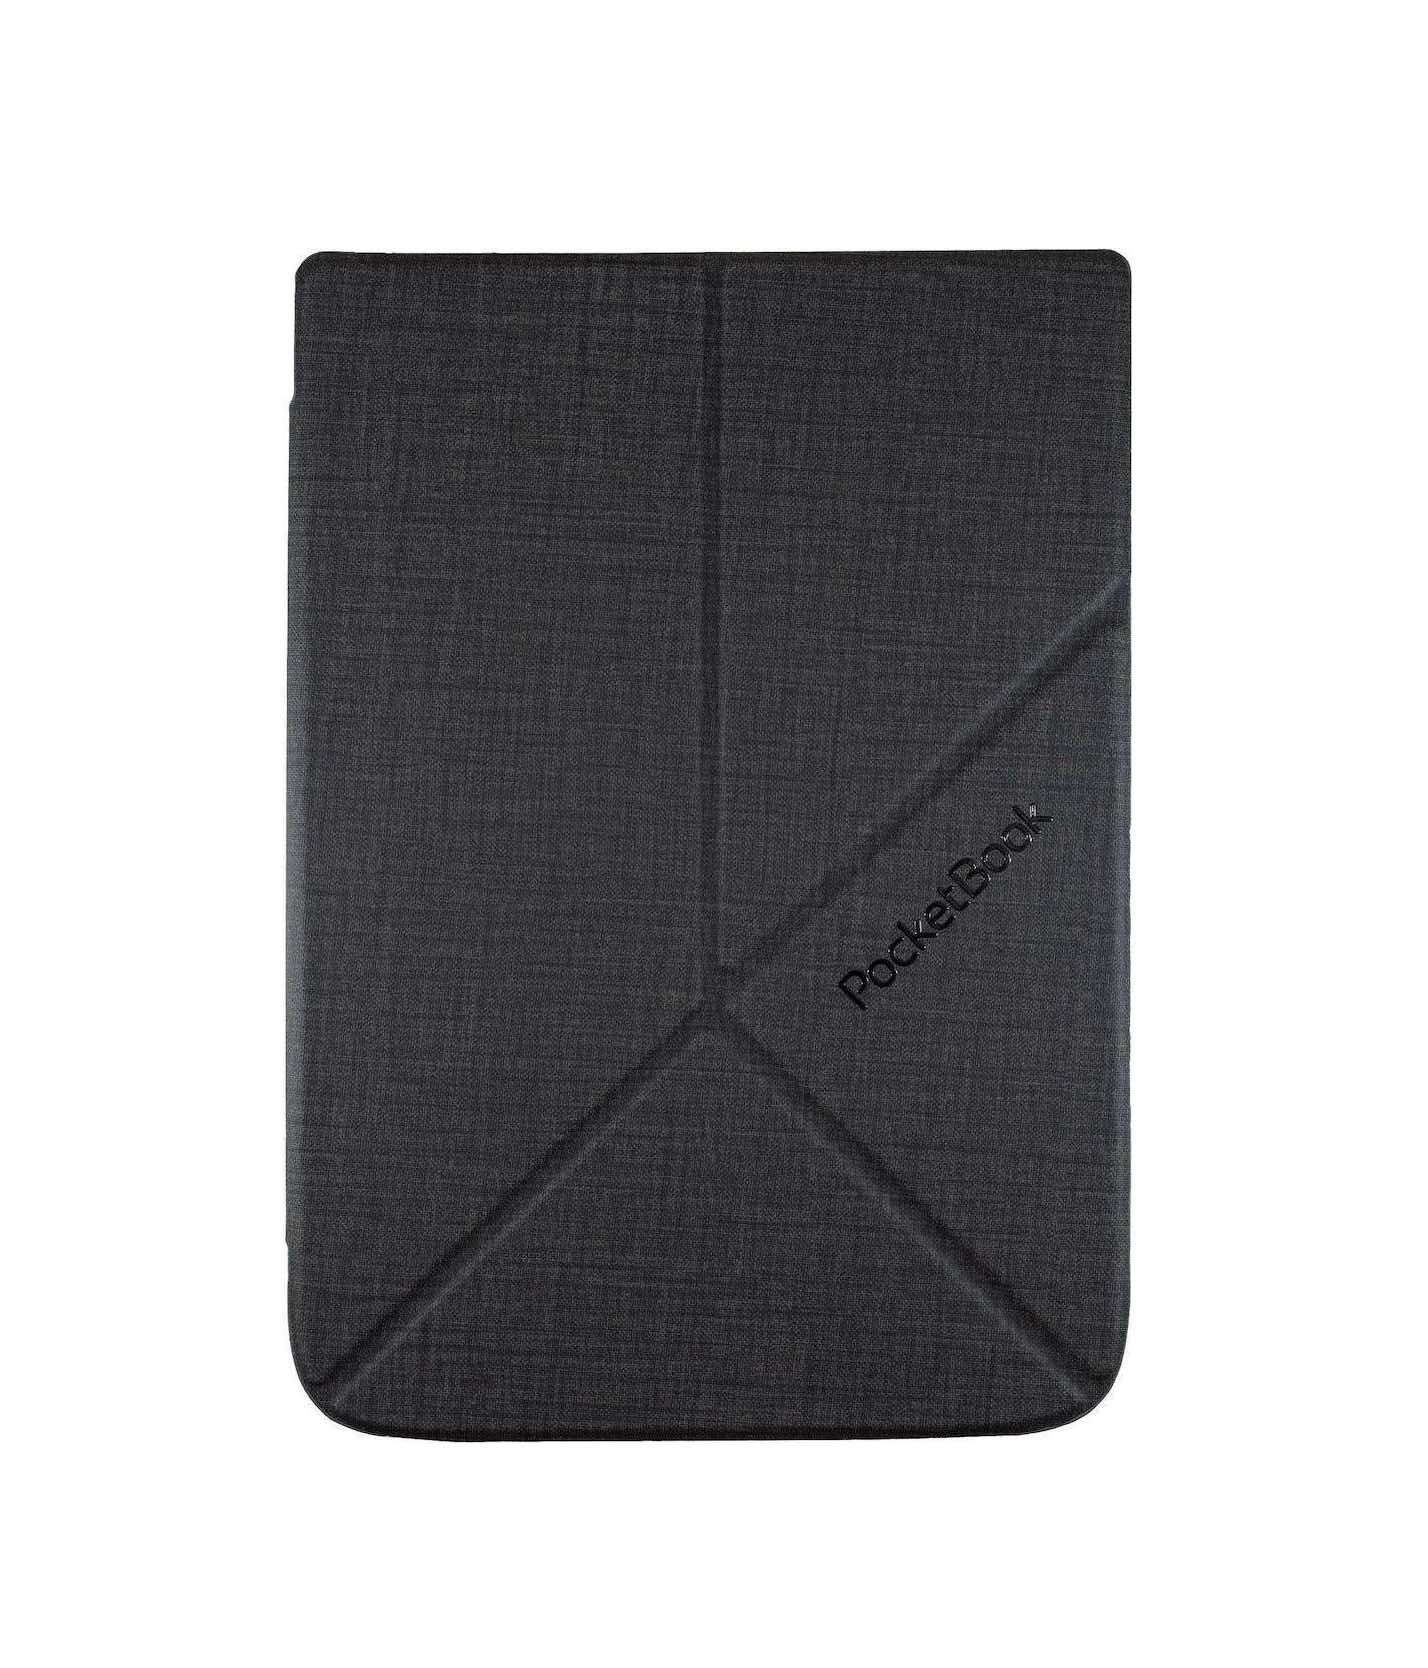 Pocketbook Origami Sleeve Dark Grey (Touch Lux, Color, Basic 4) HN-SLO-PU-U6XX-DG-WW